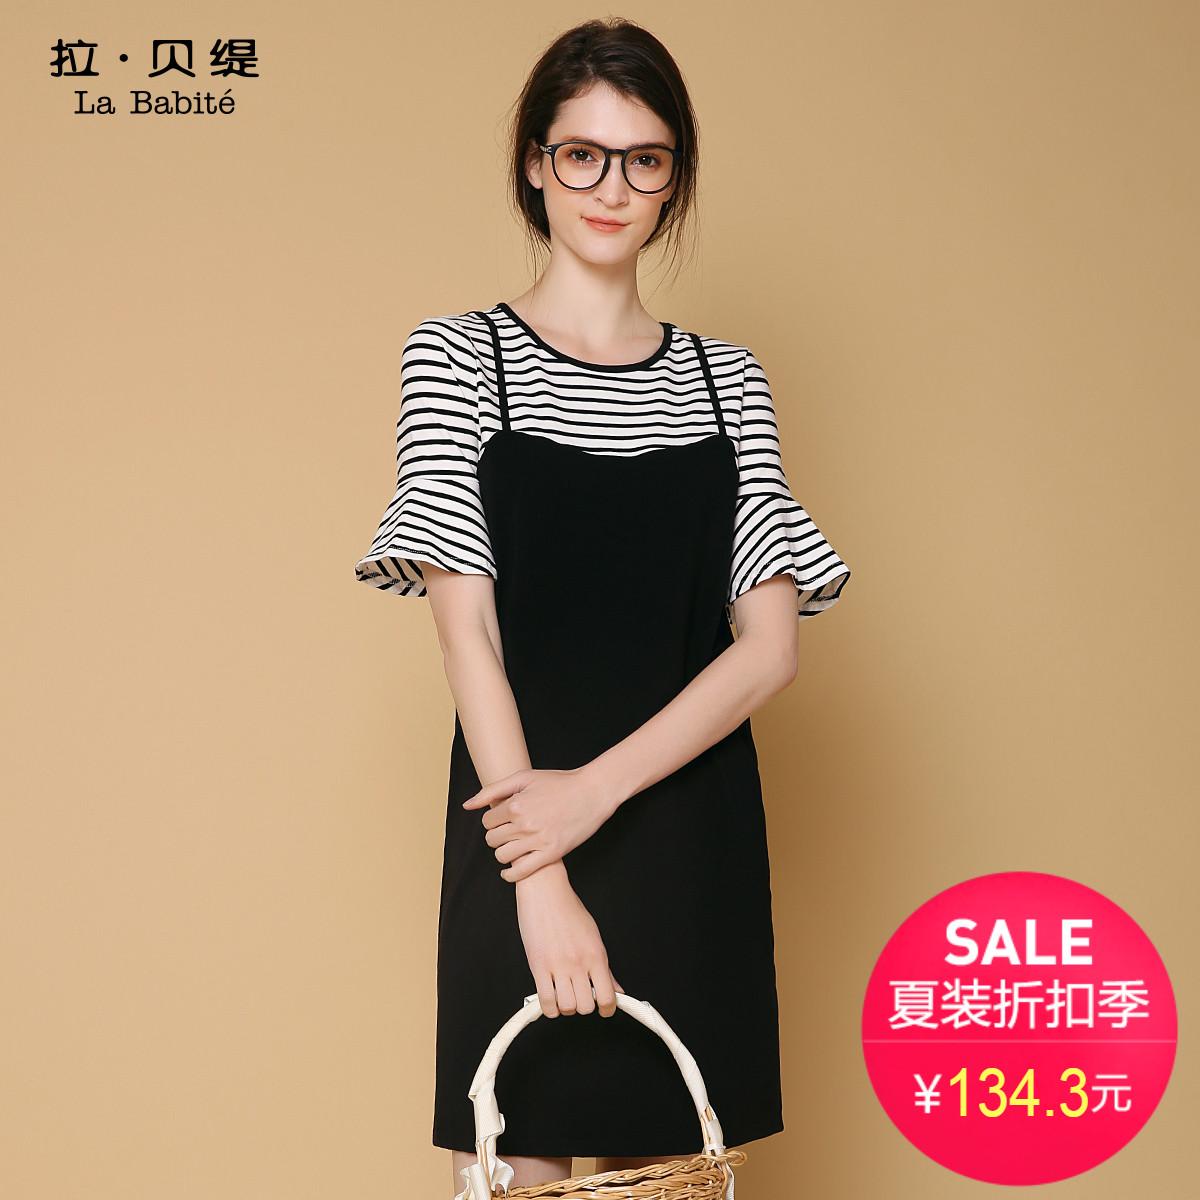 拉夏贝尔拉贝缇2017夏装新款条纹喇叭袖吊带假两件连衣裙圆领女